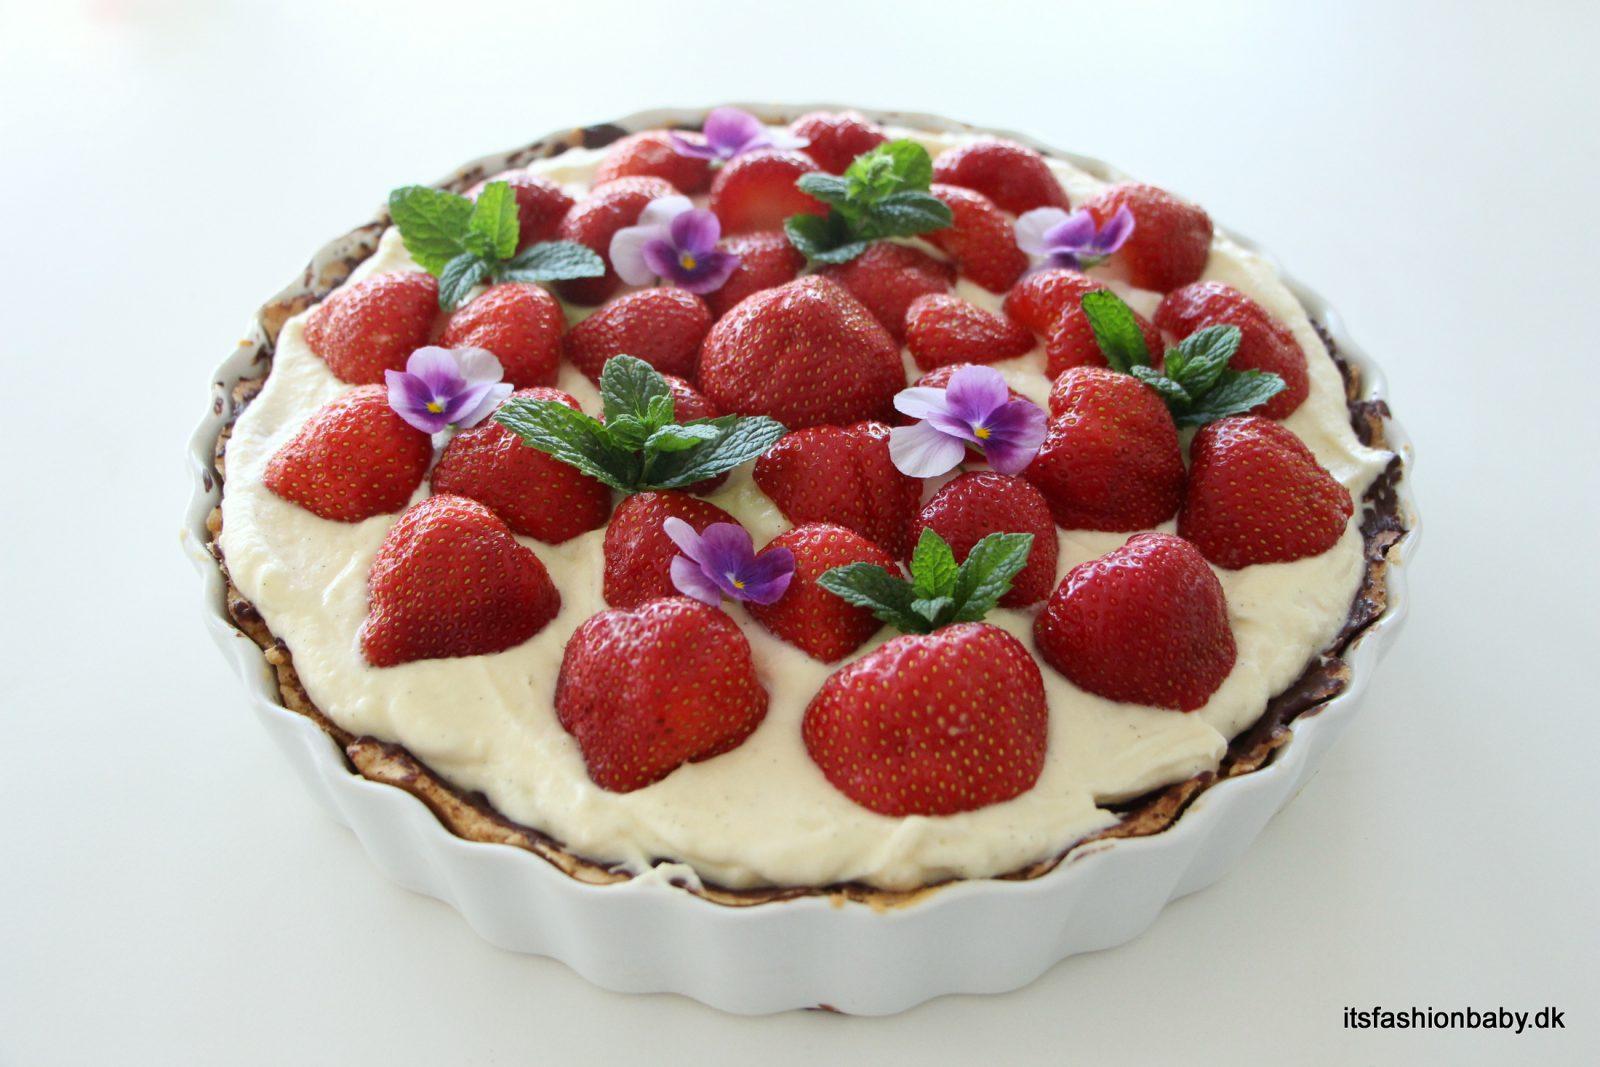 Alletiders Kogebog Jordbærtærte jordbærtærte opskrift